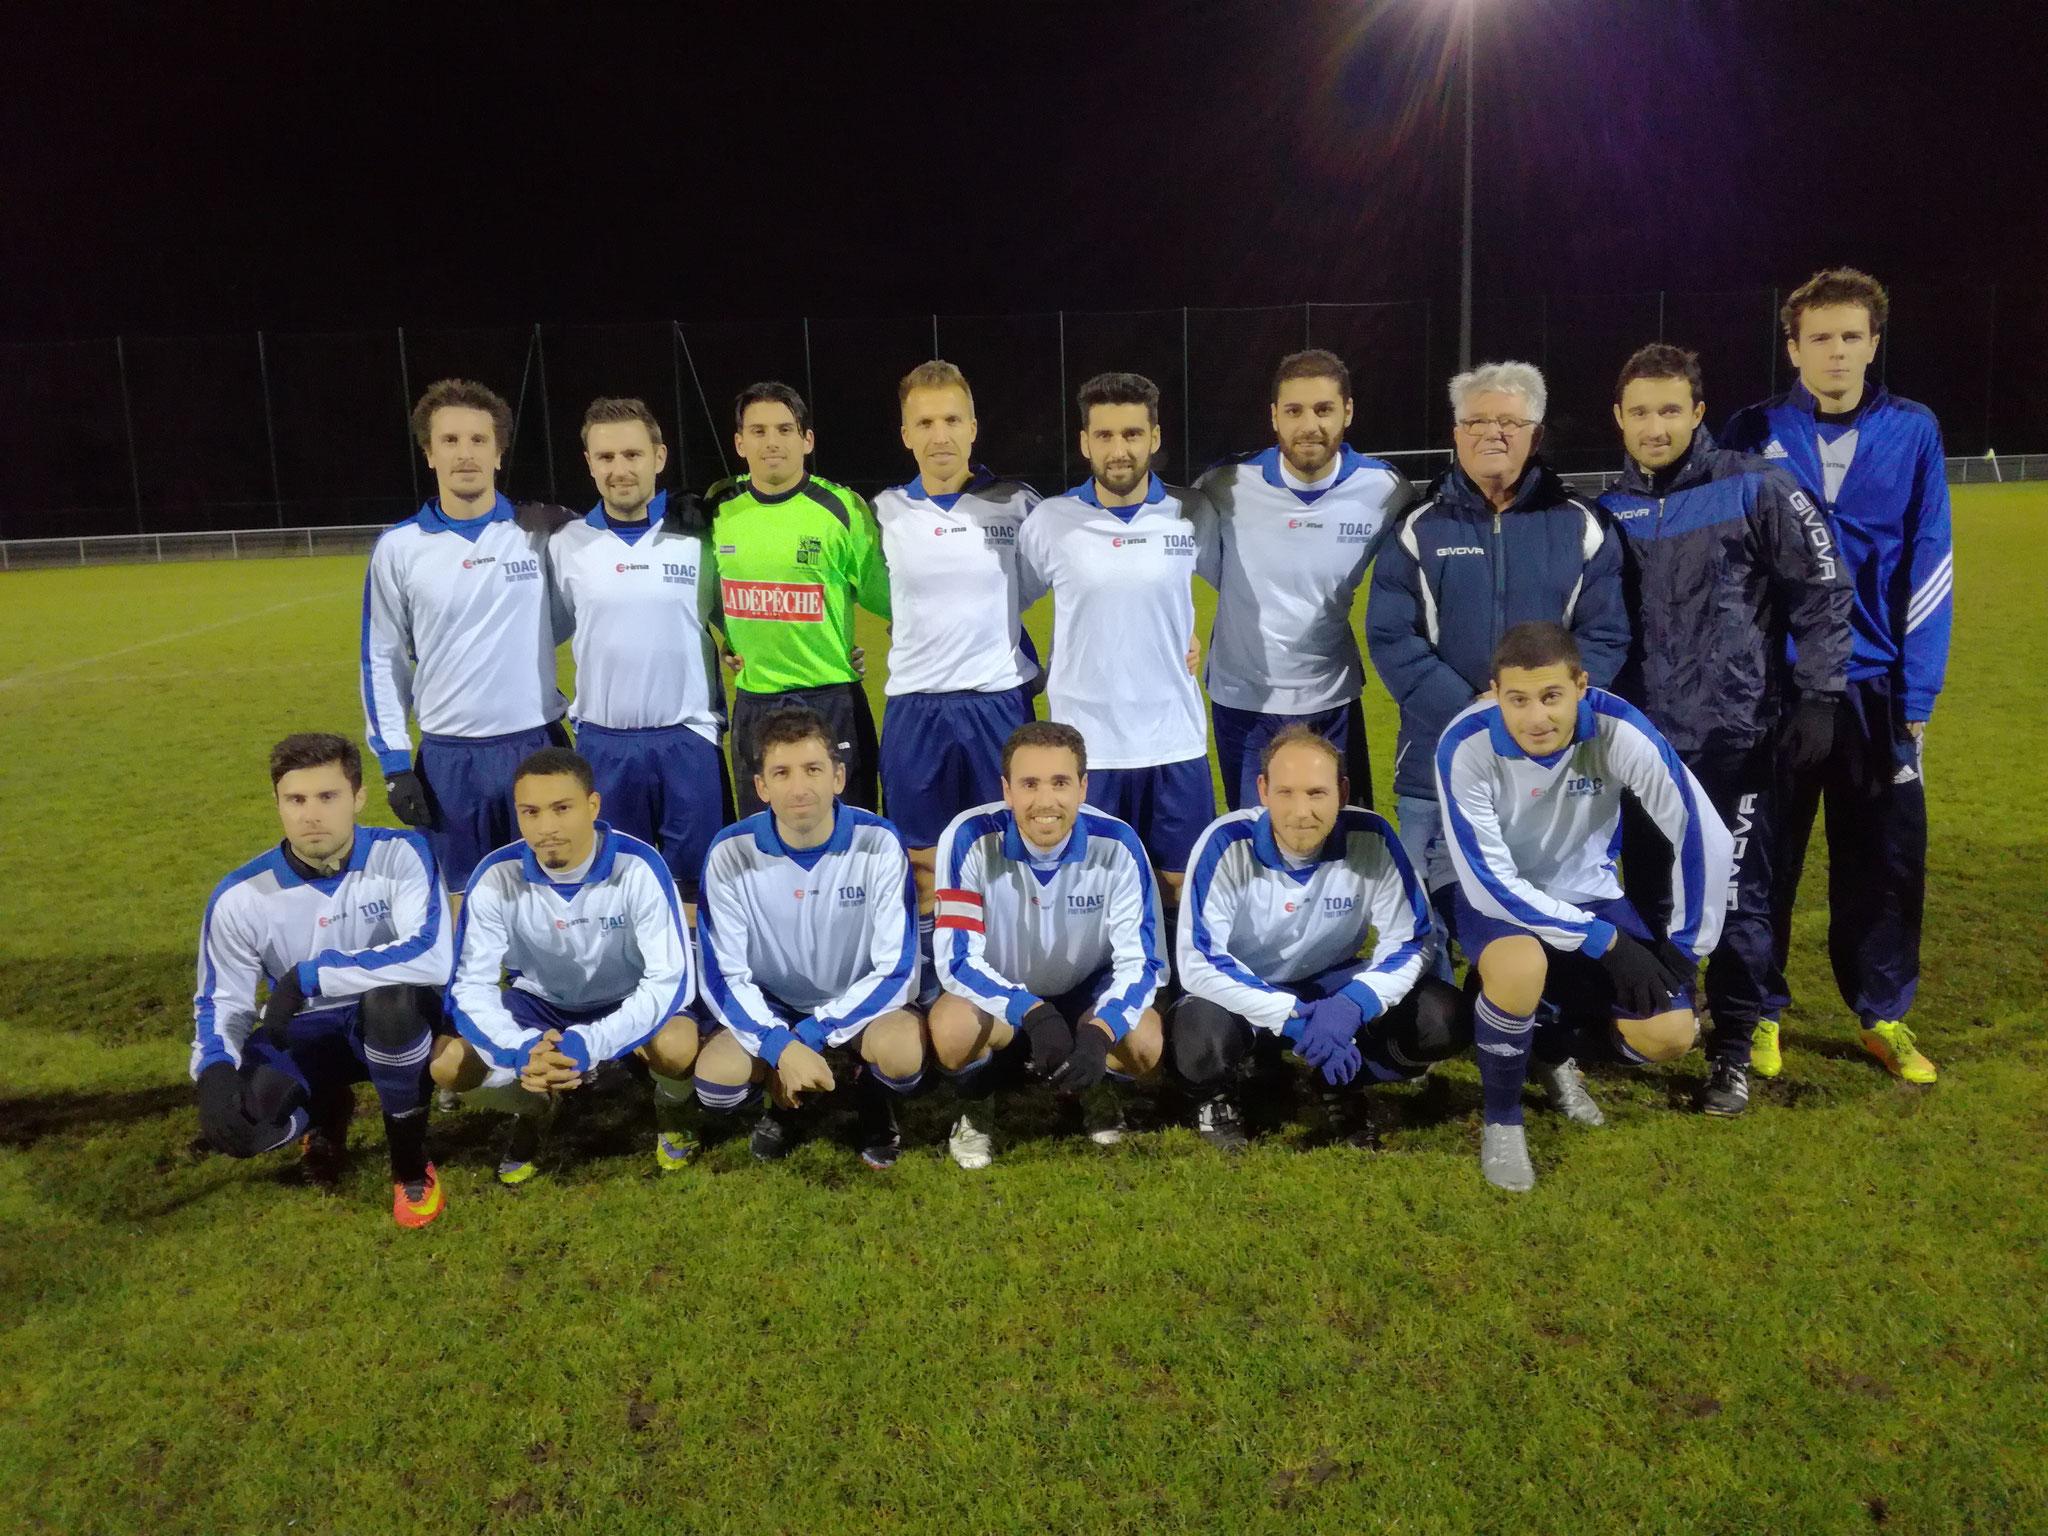 2017 12 11 - Match contre Carrefour Plaisance